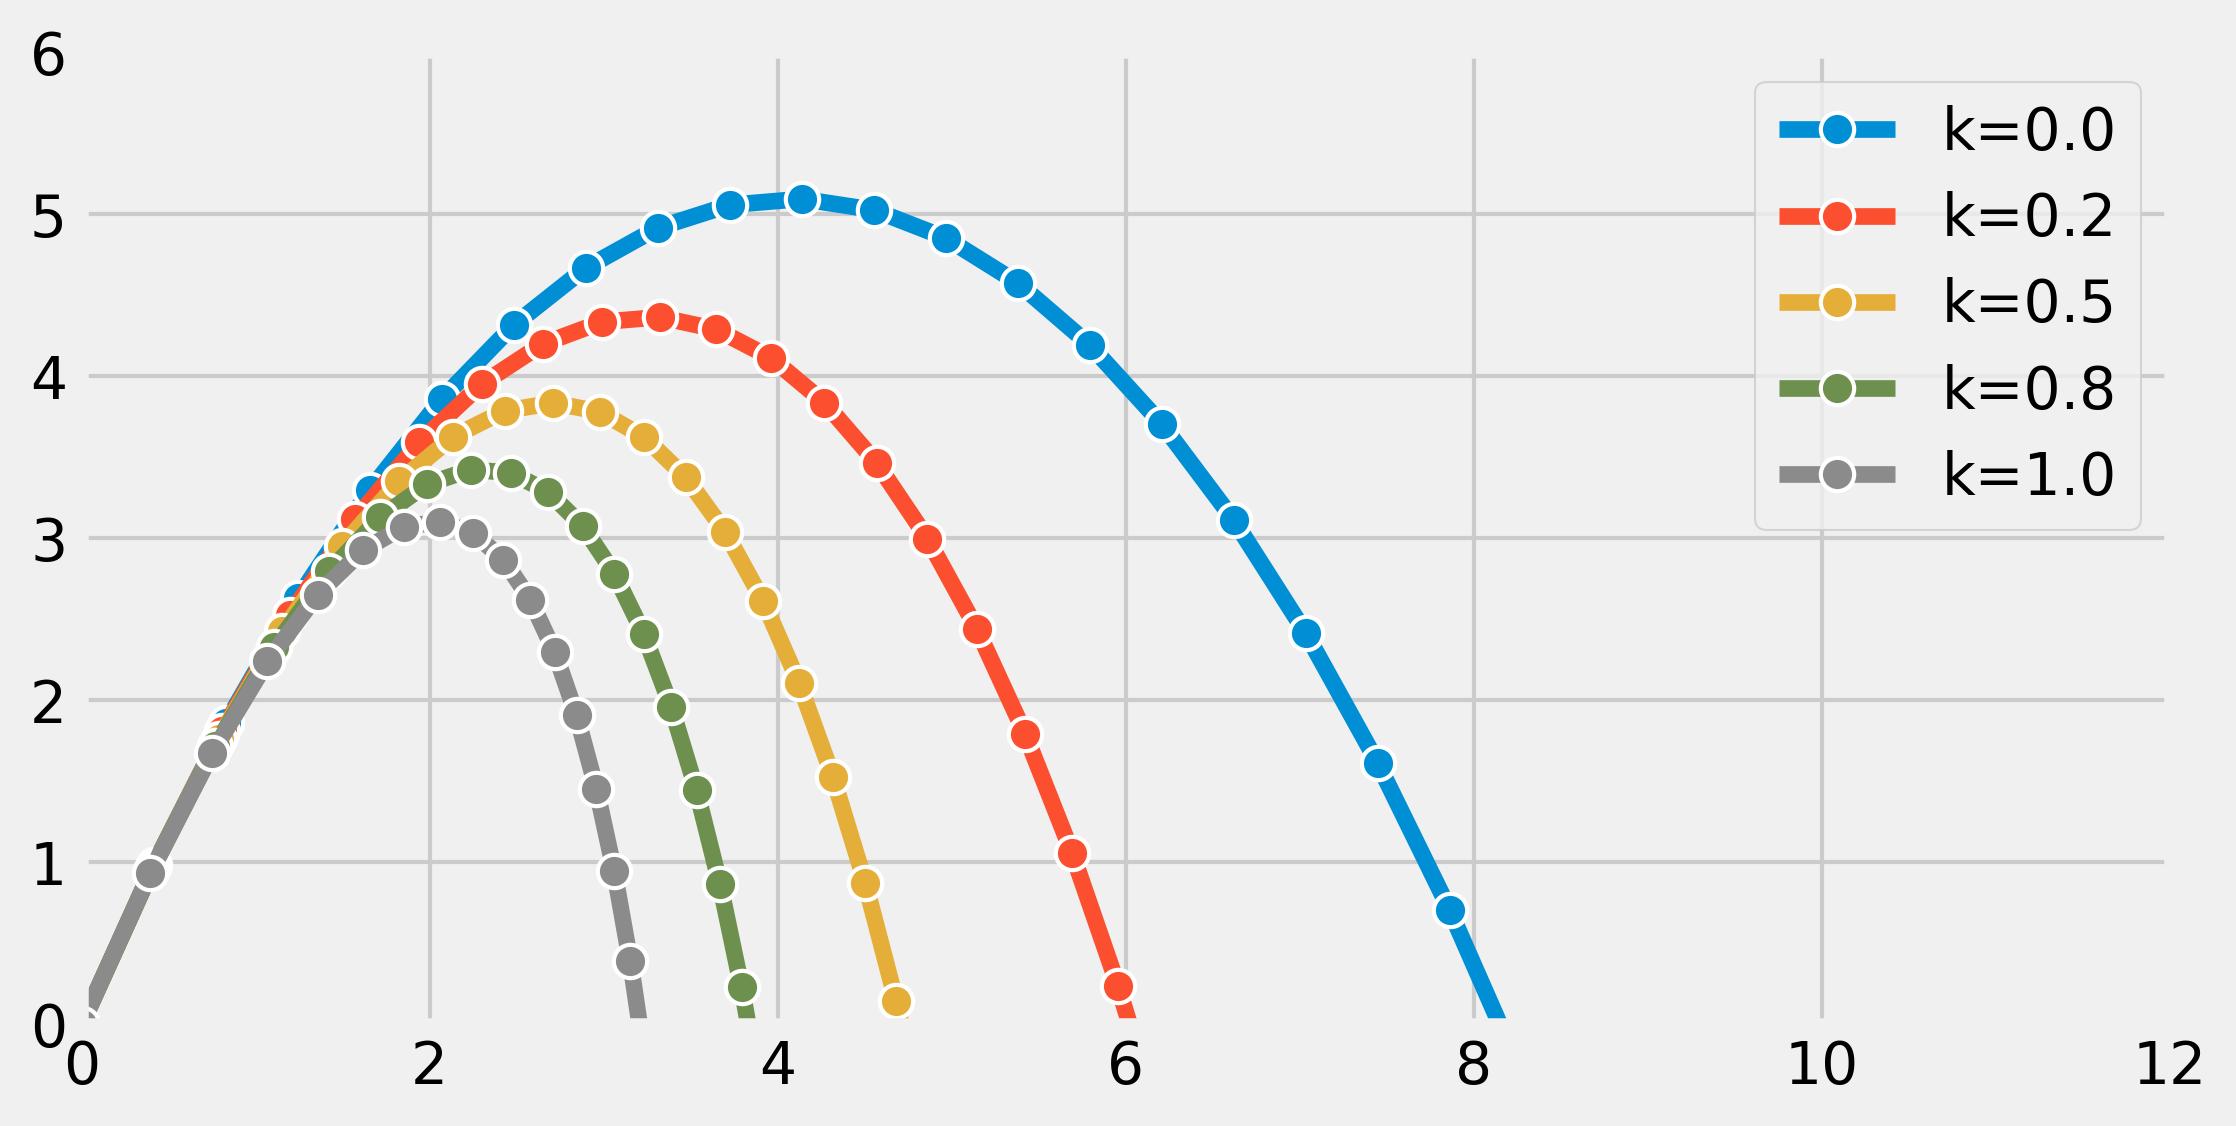 <matplotlib.figure.Figure at 0x75d2fd0>